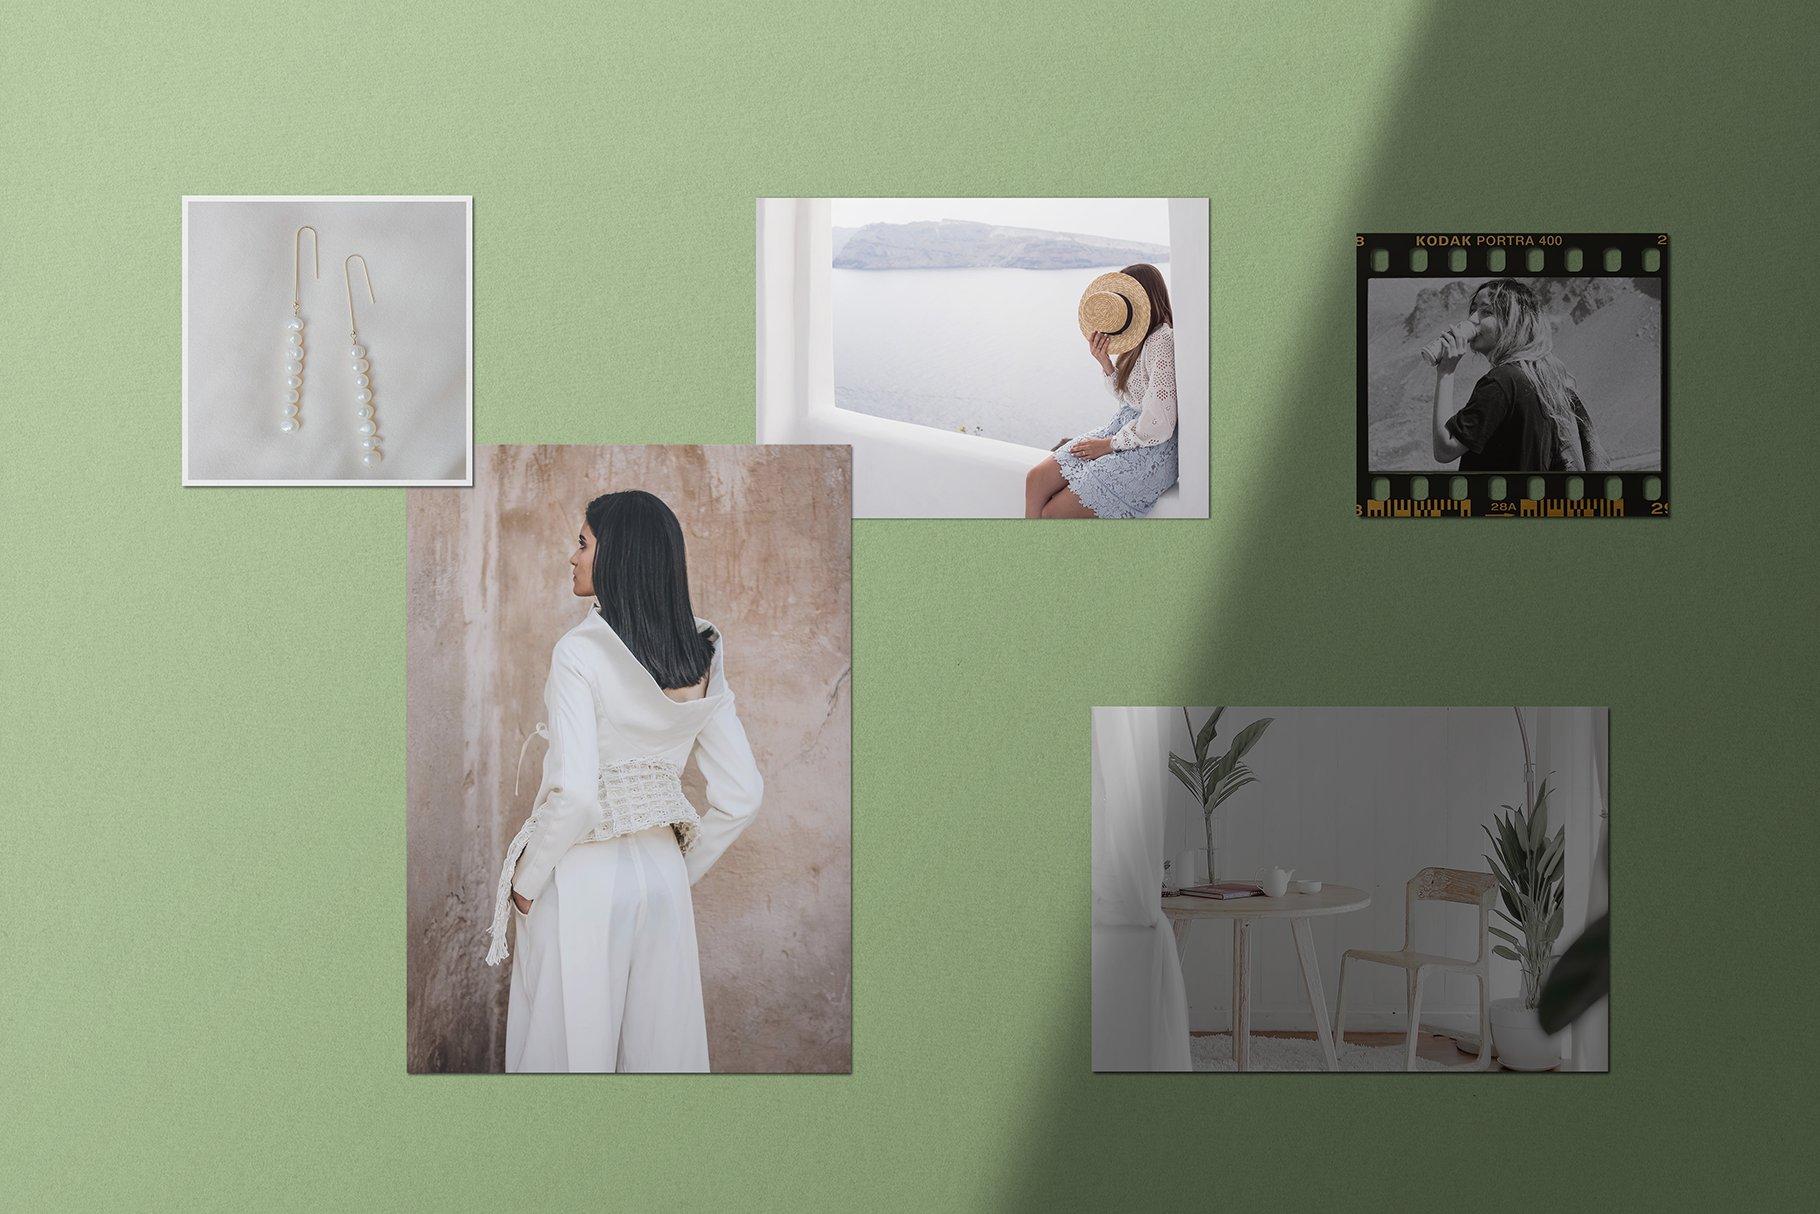 优雅剪贴相片情绪版卡片拼贴设计智能贴图展示样机 Moodboard Mockup Kit插图(3)